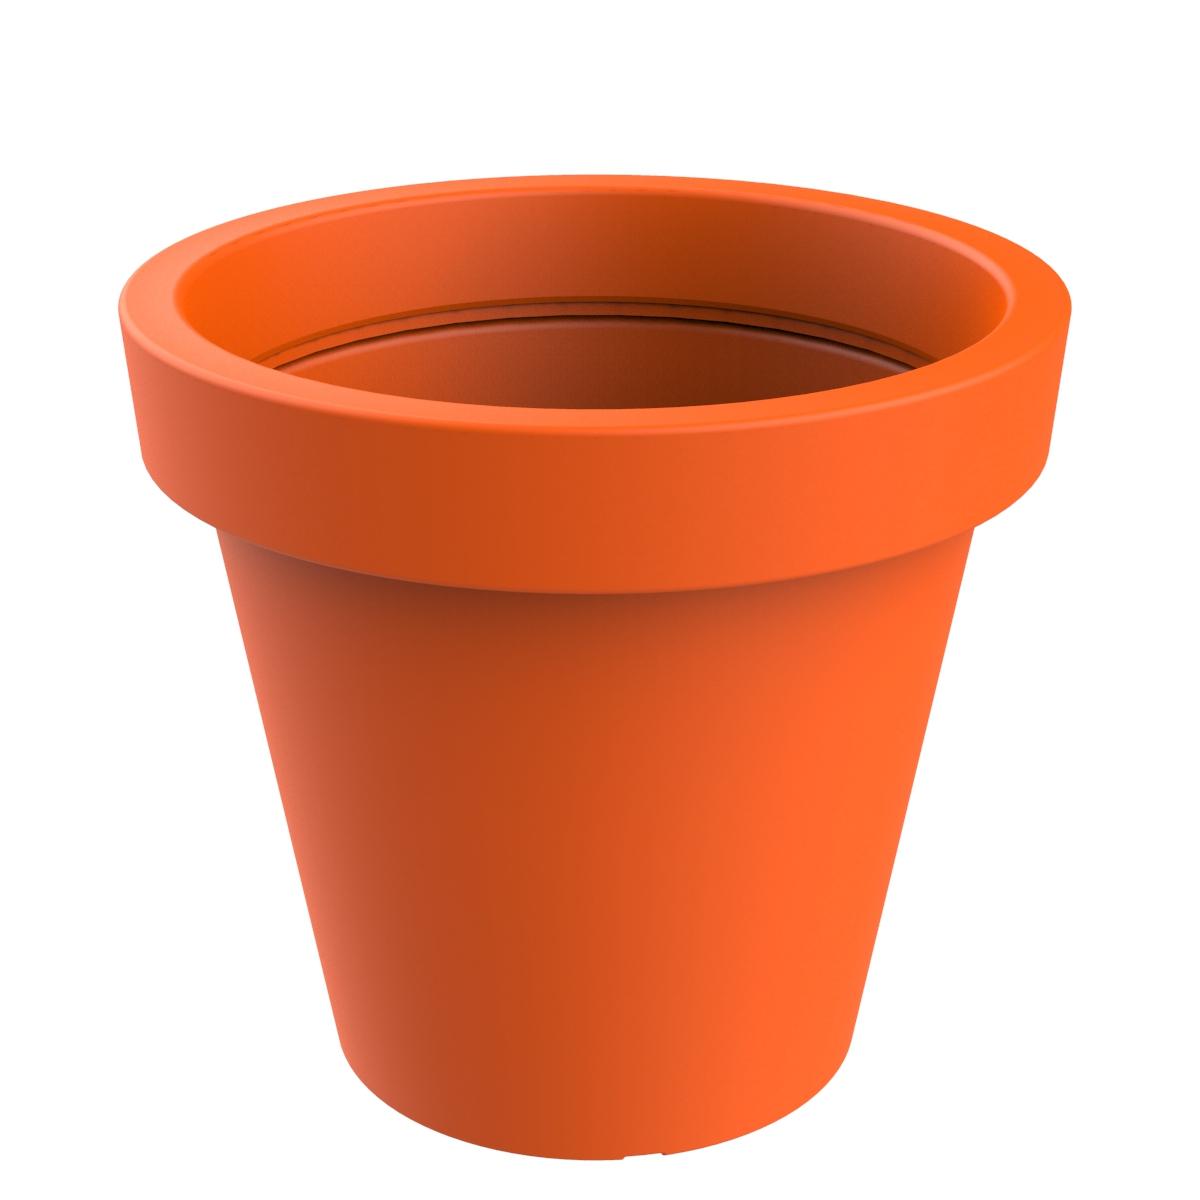 Plantenbak van hoogwaardig kunststof - oranje